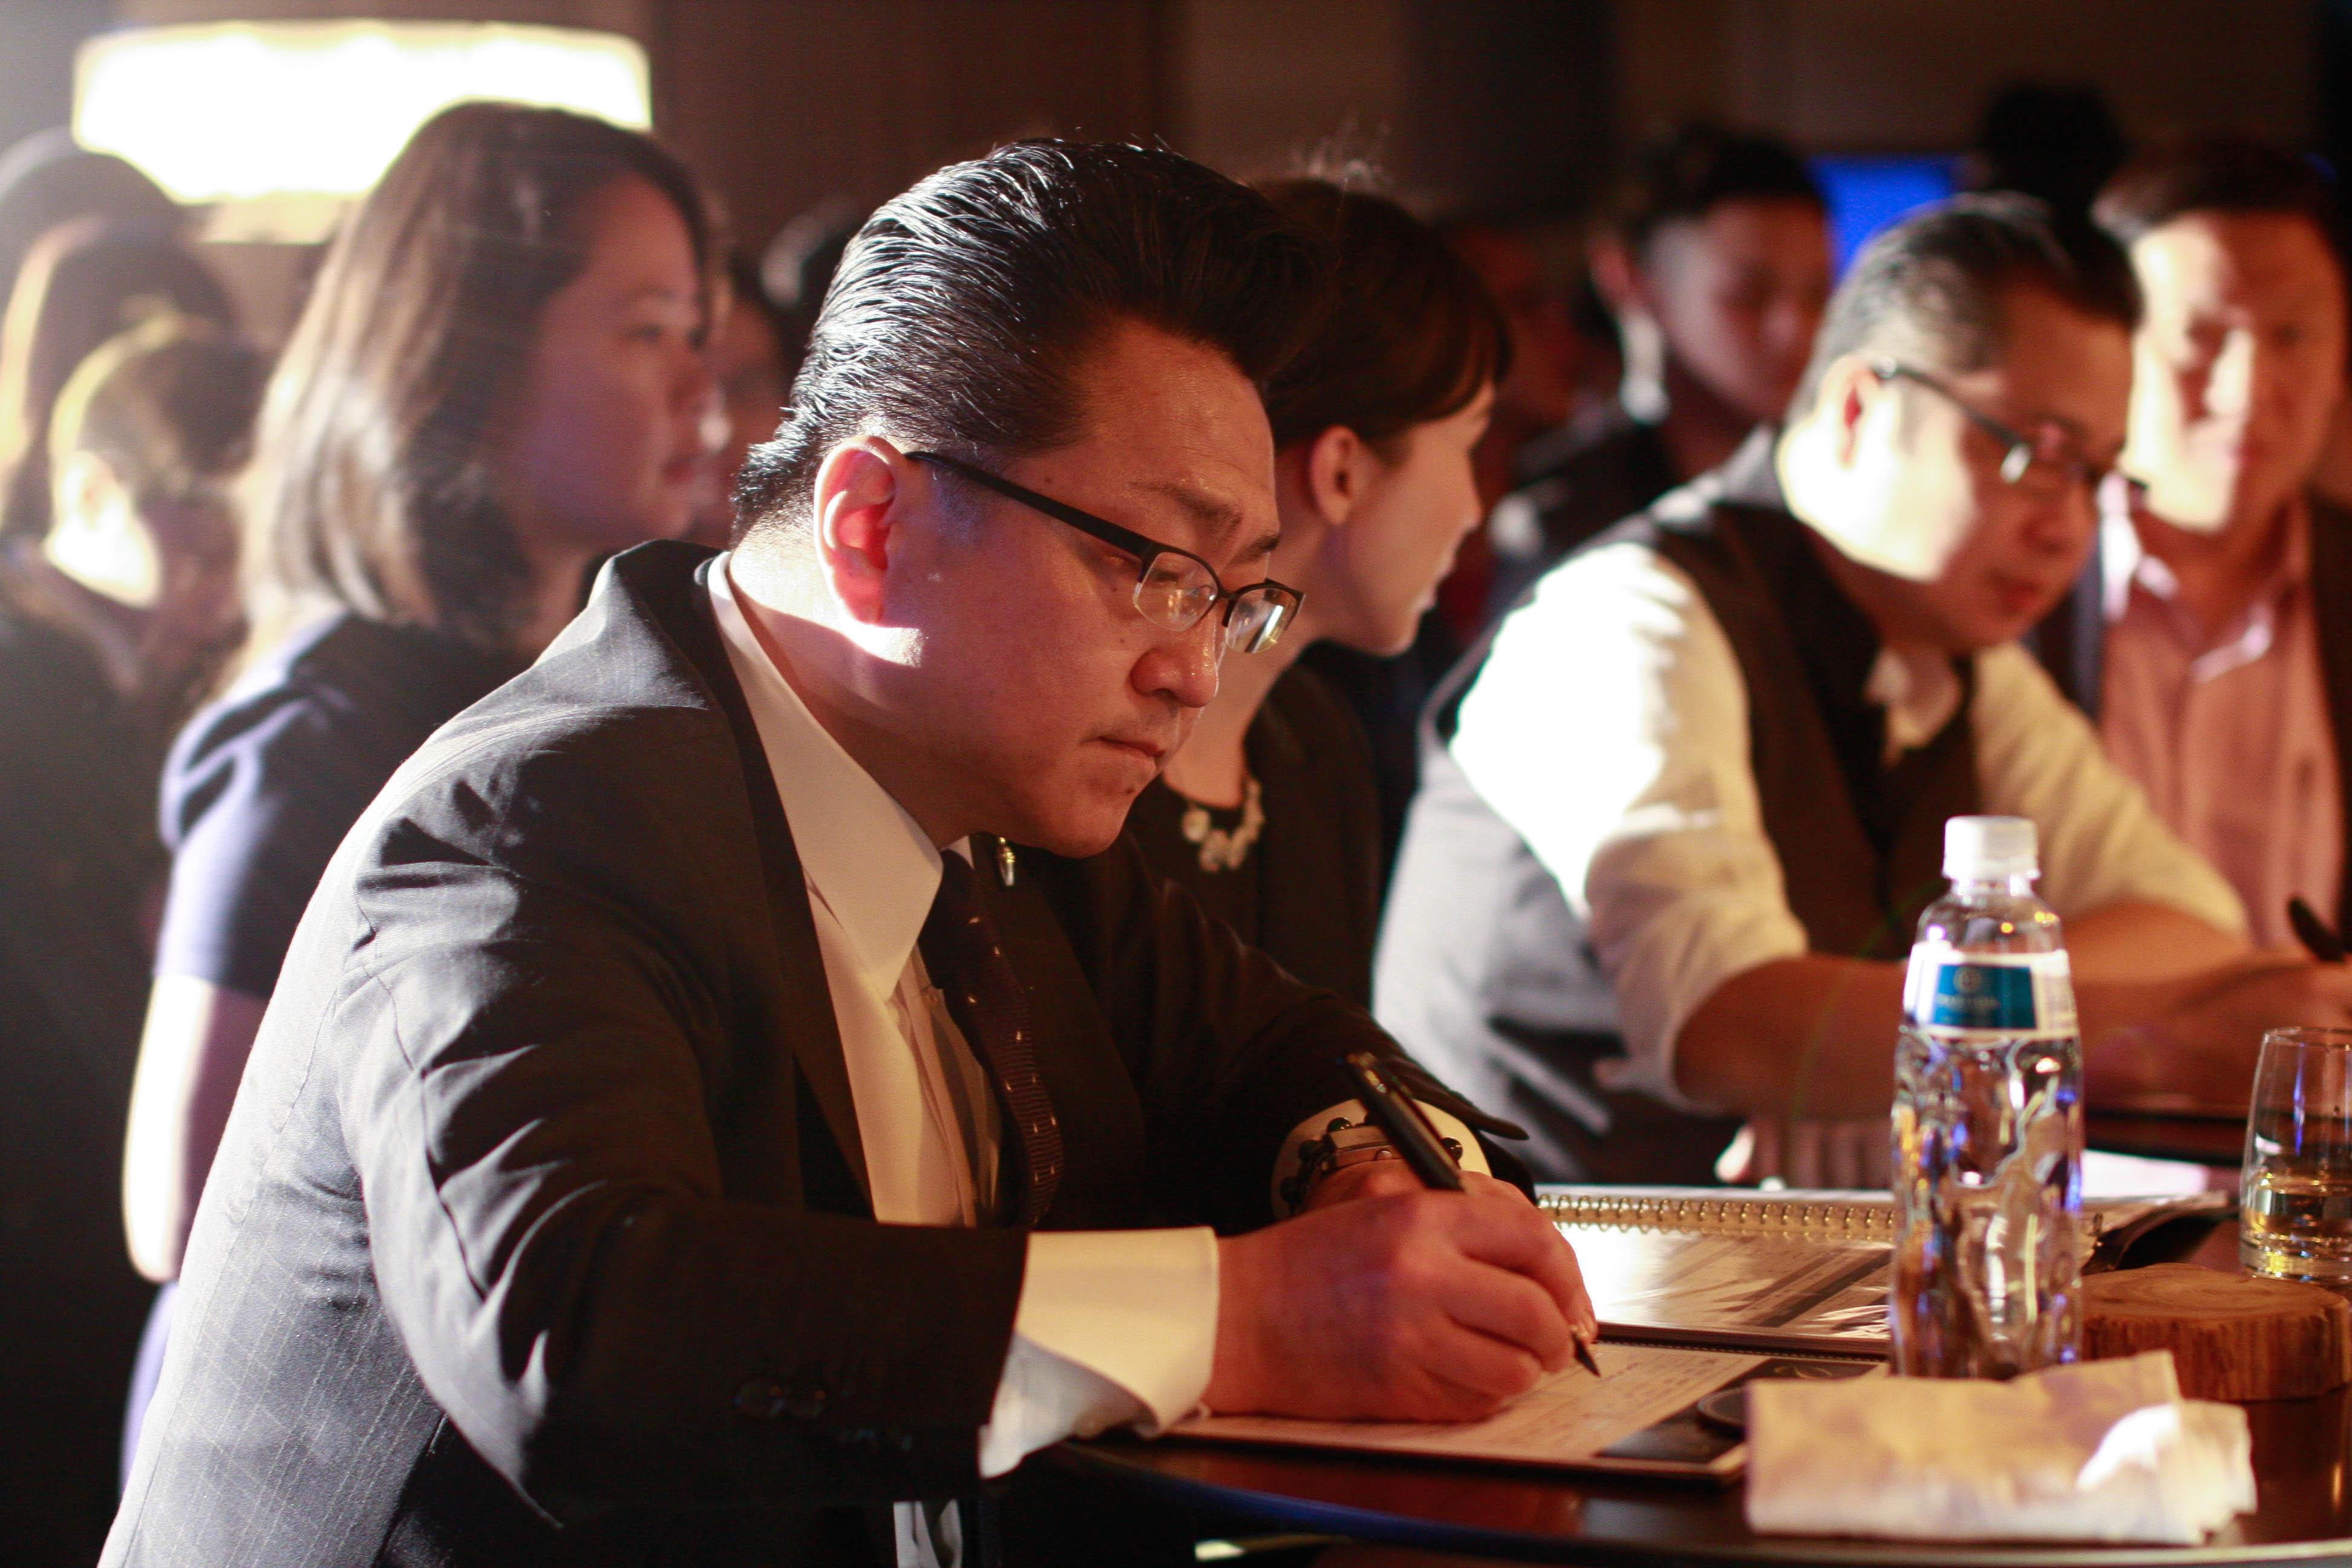 日式調酒界翹楚上野秀嗣將擔任專業評審之一